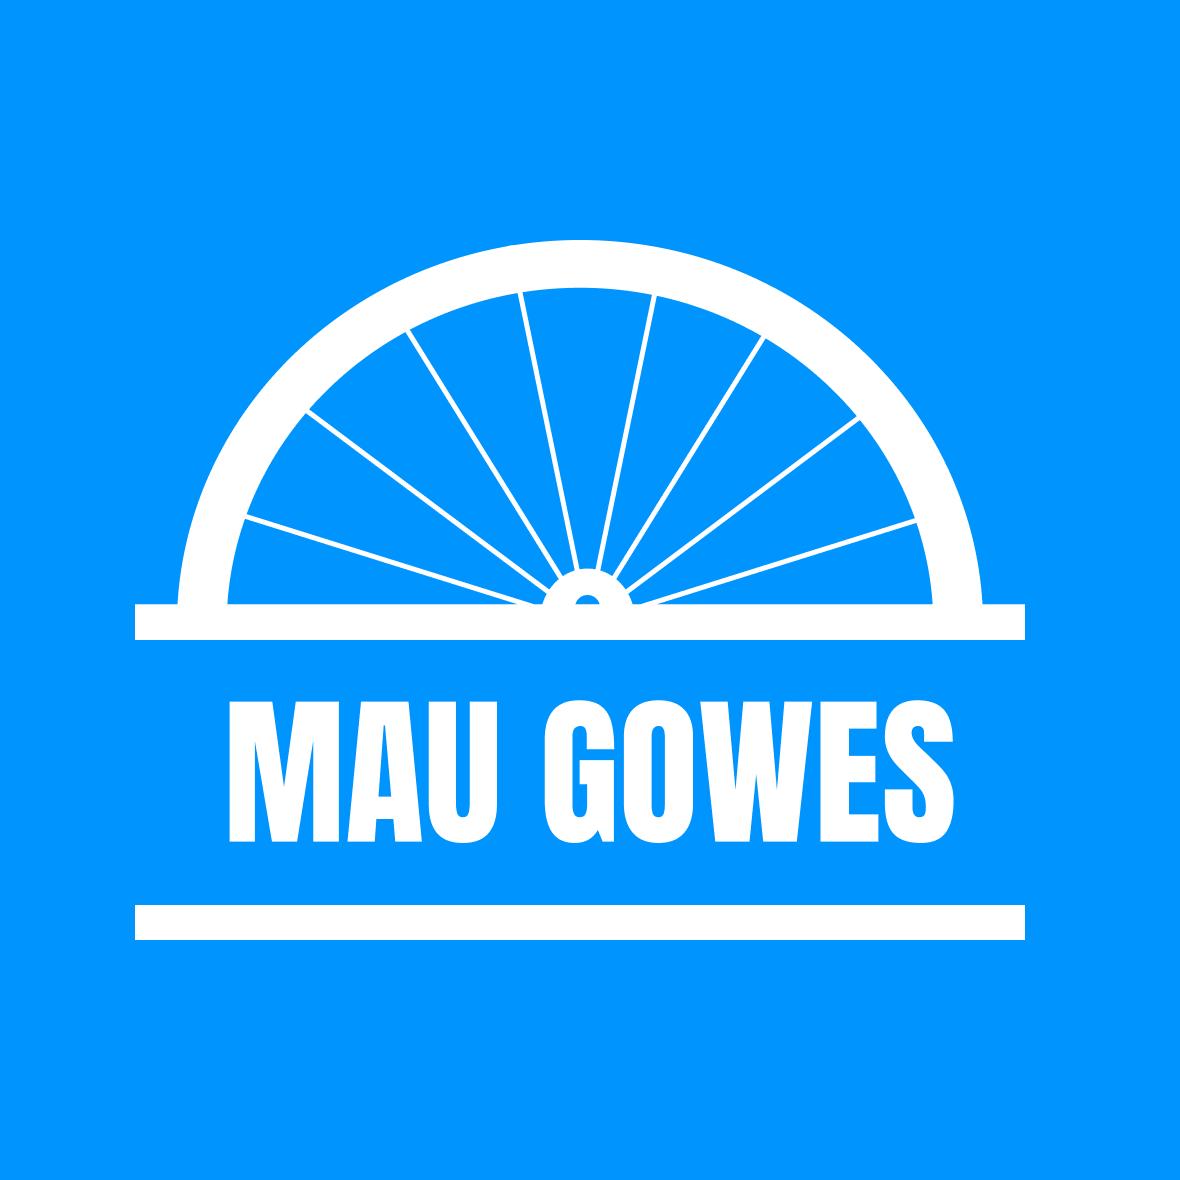 Rekomendasi Wheelset Road Bike Alloy Dibawah 6 juta Rupiah Januari 2020